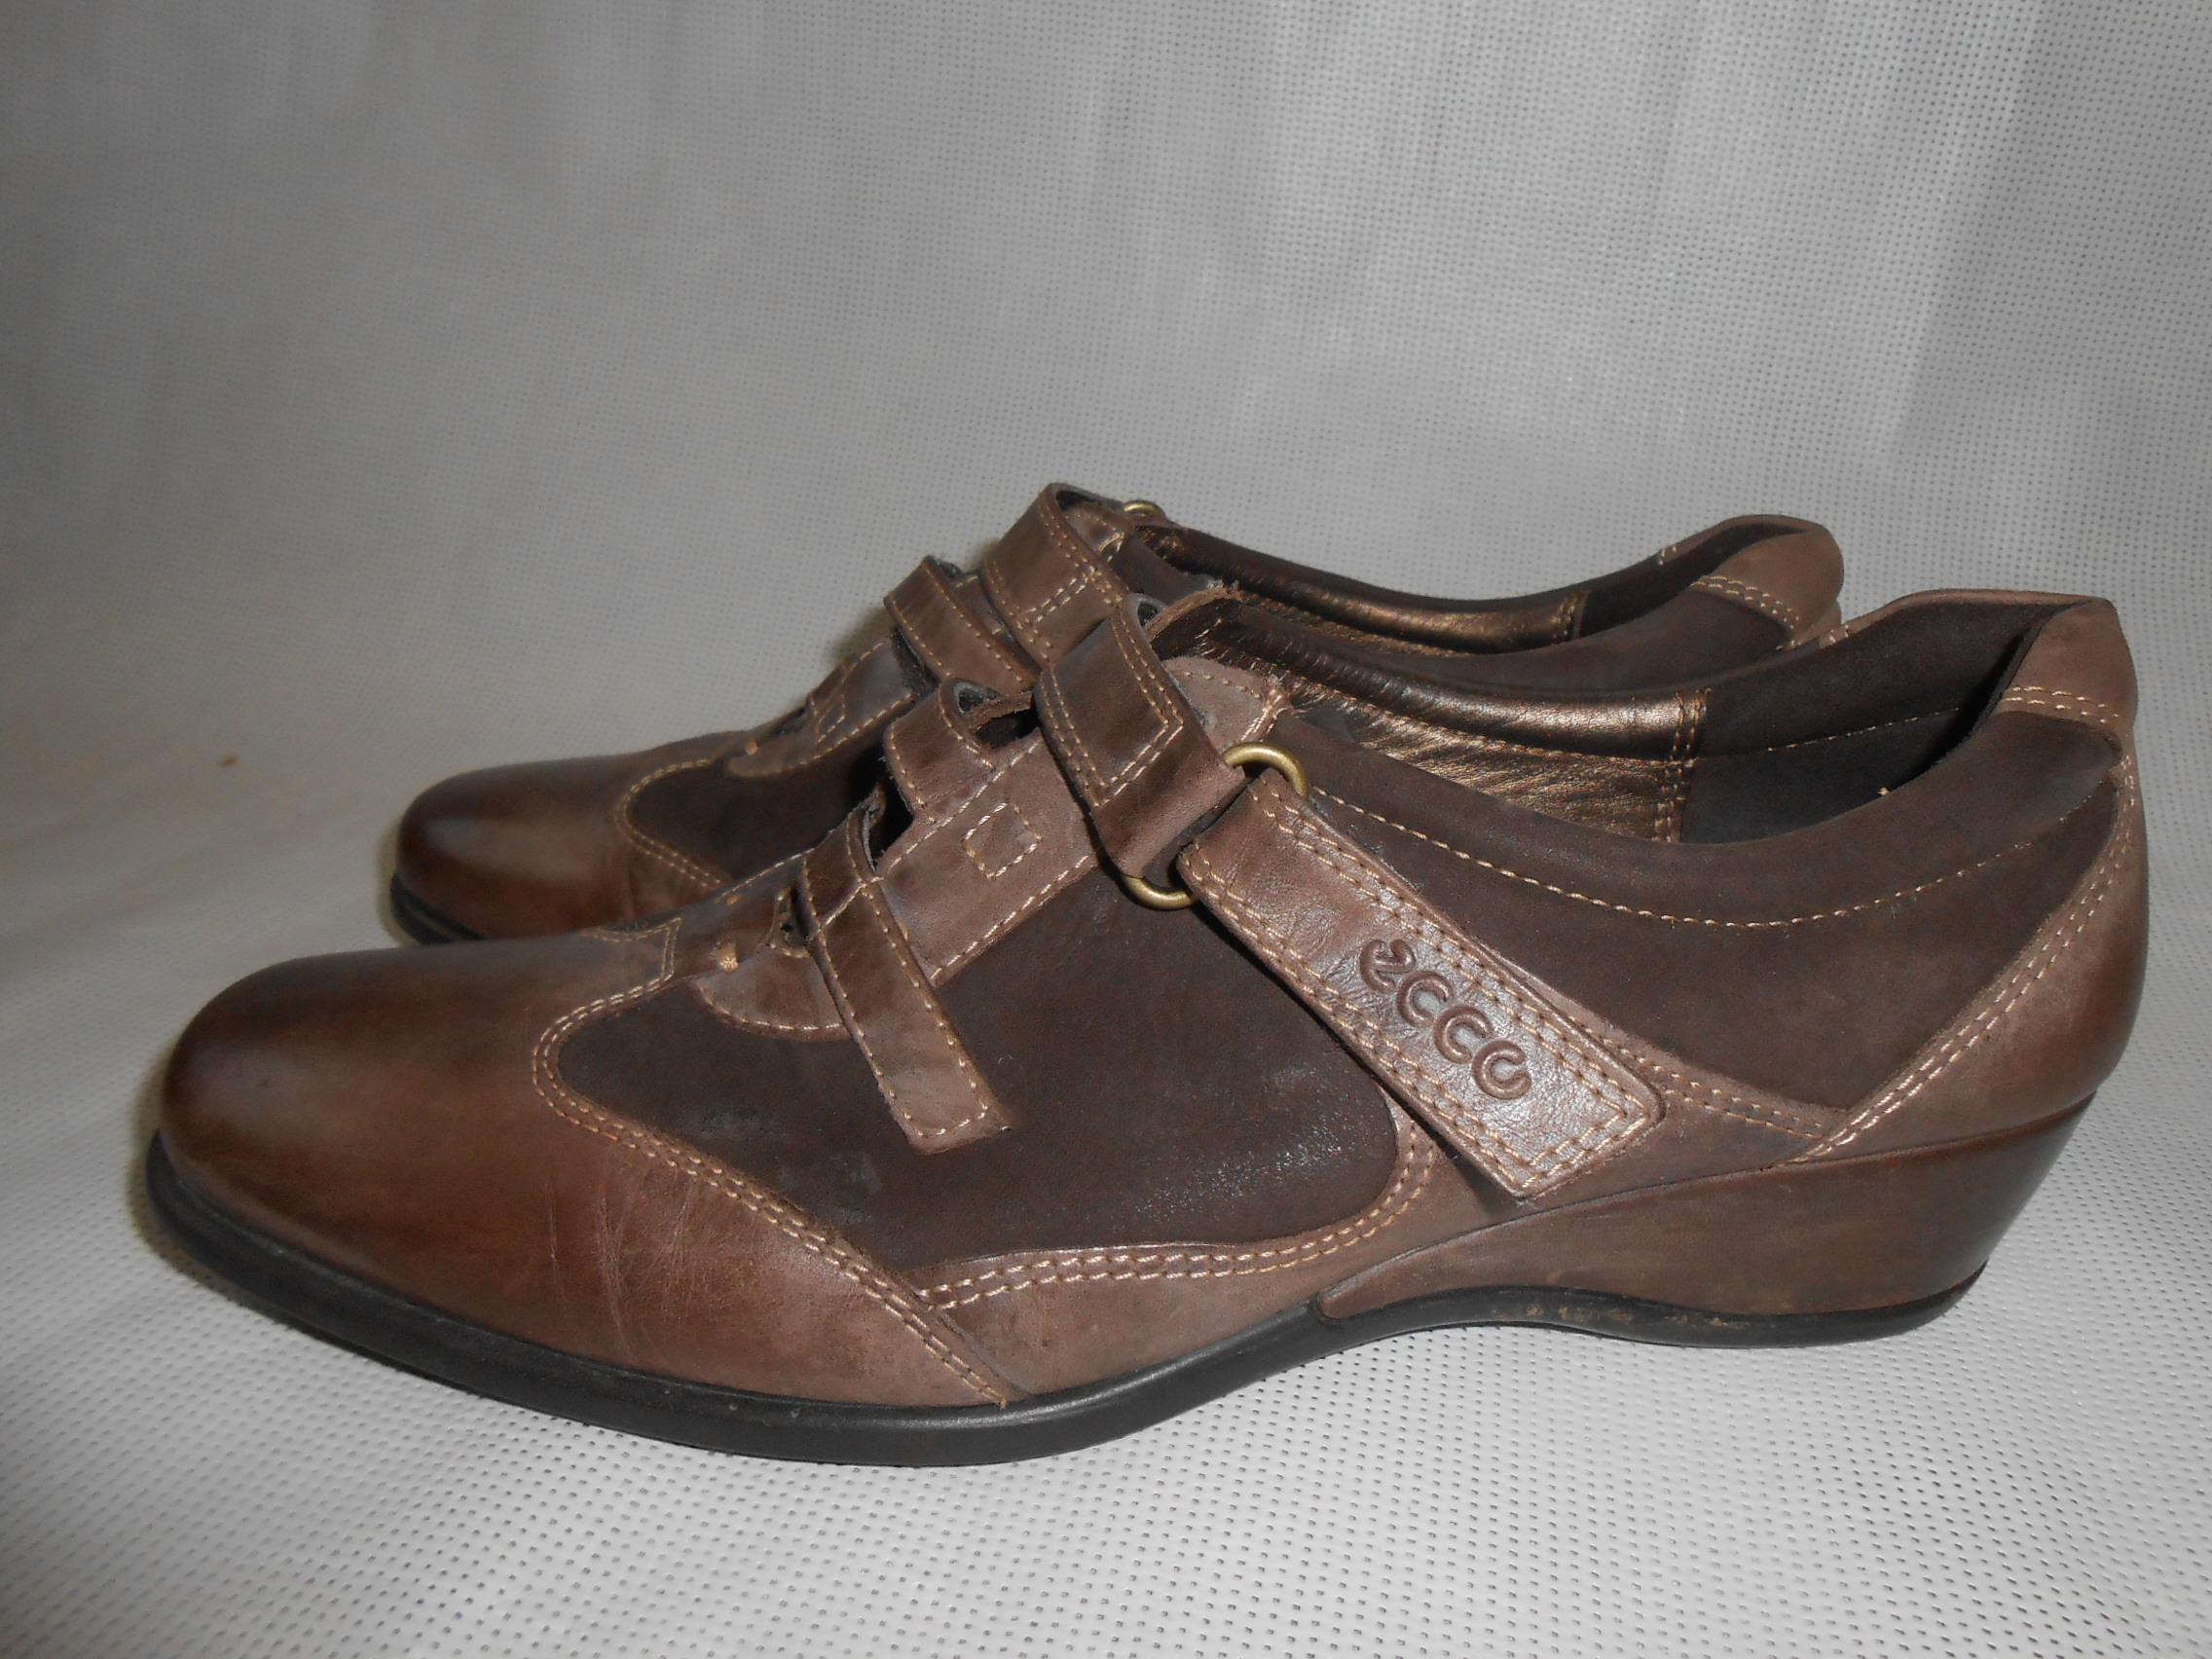 fac315e3 ECCO Super buty damskie z Anglii !!nr 38 - 7258076376 - oficjalne ...